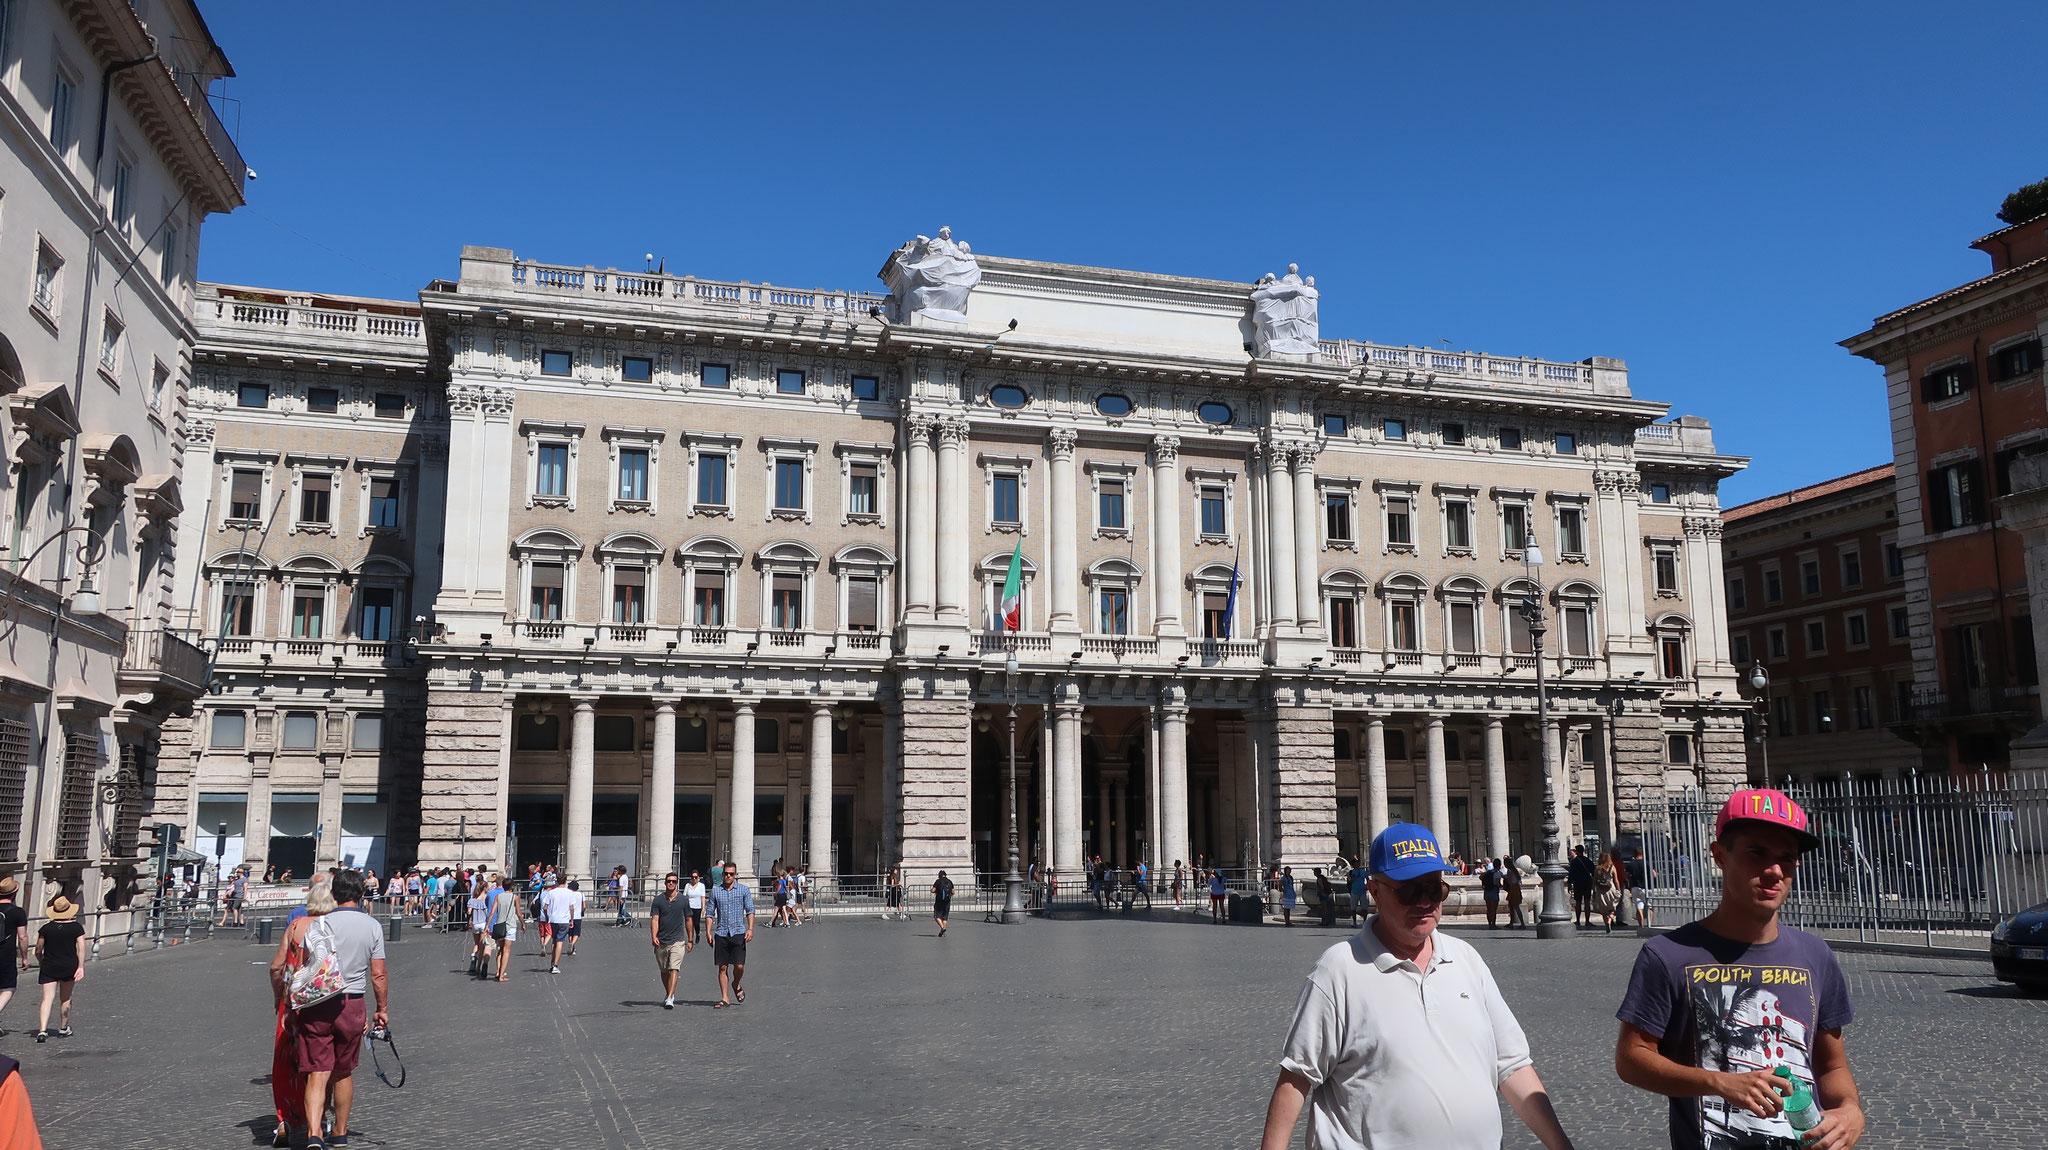 バルベリーニ宮殿とバルベリーニ広場